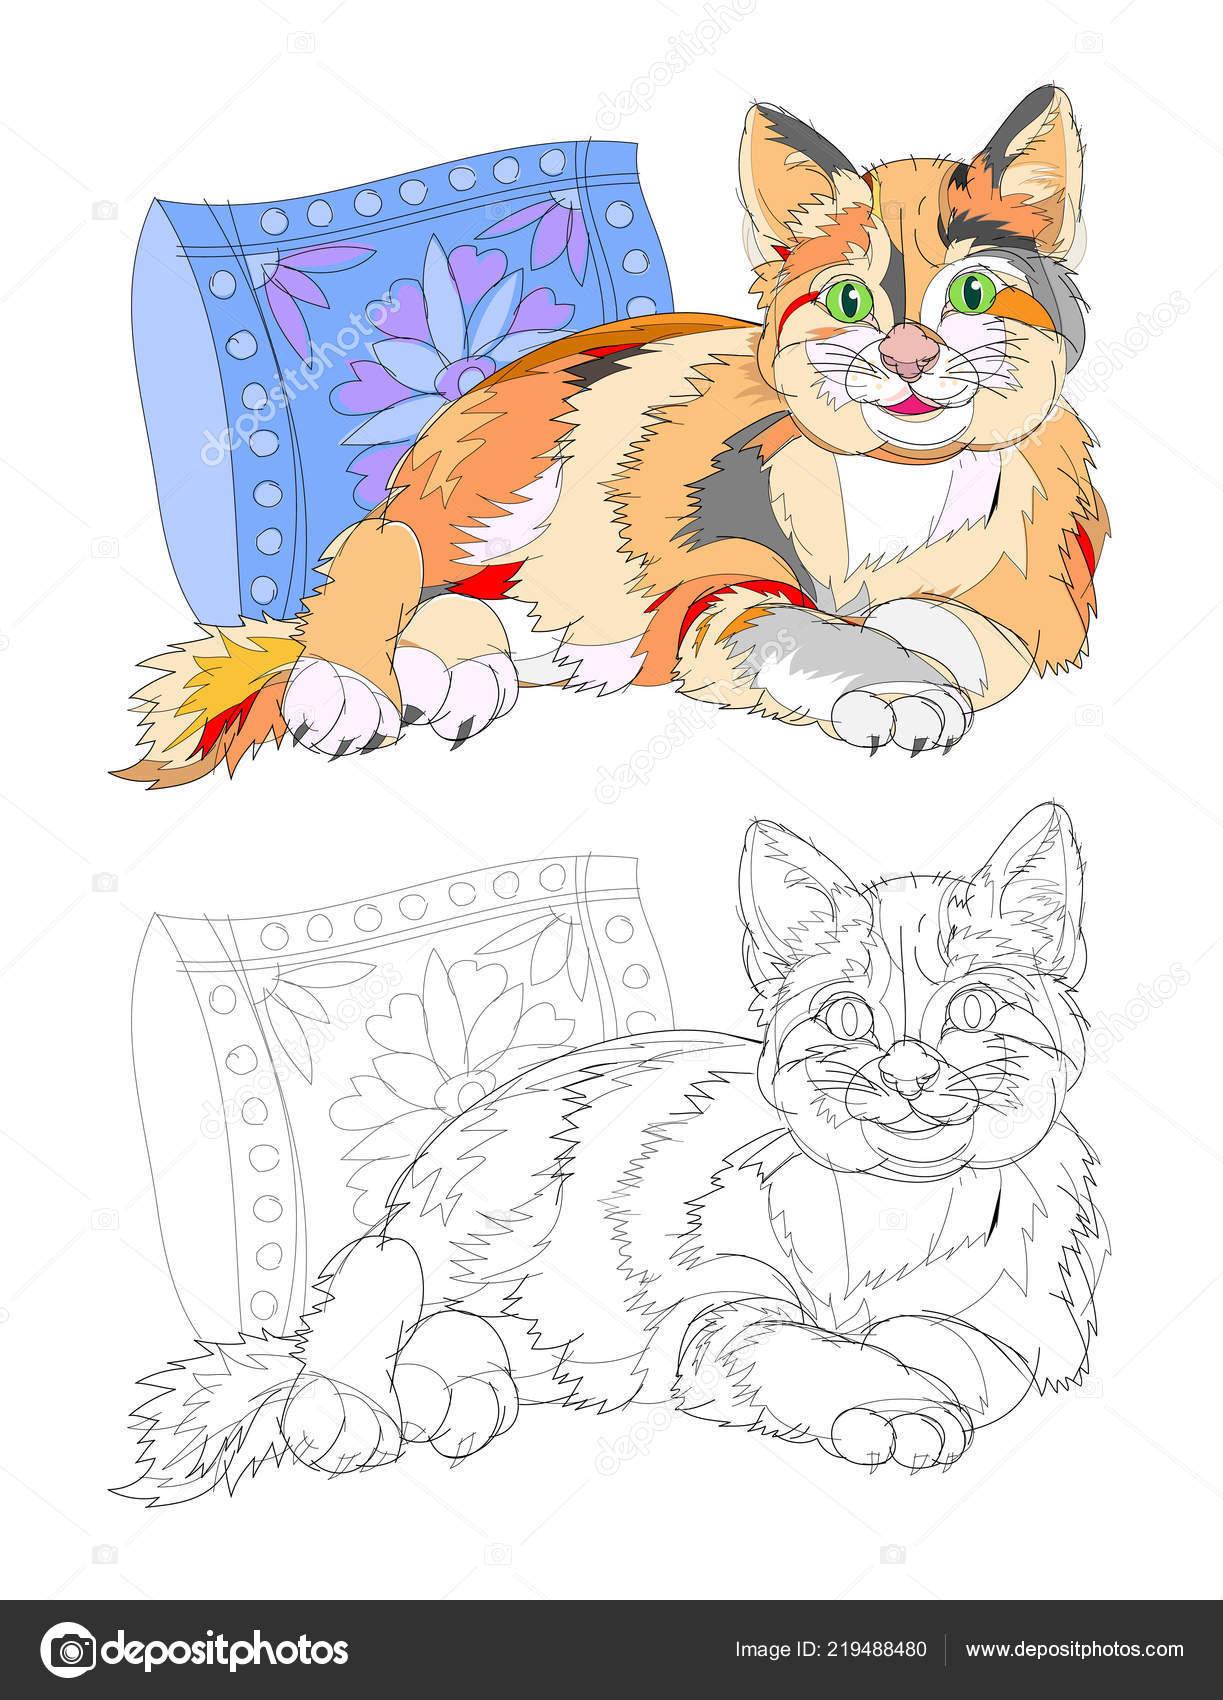 Illustration Fantaisie Chat Mignon Trouvant Pres Oreiller Page